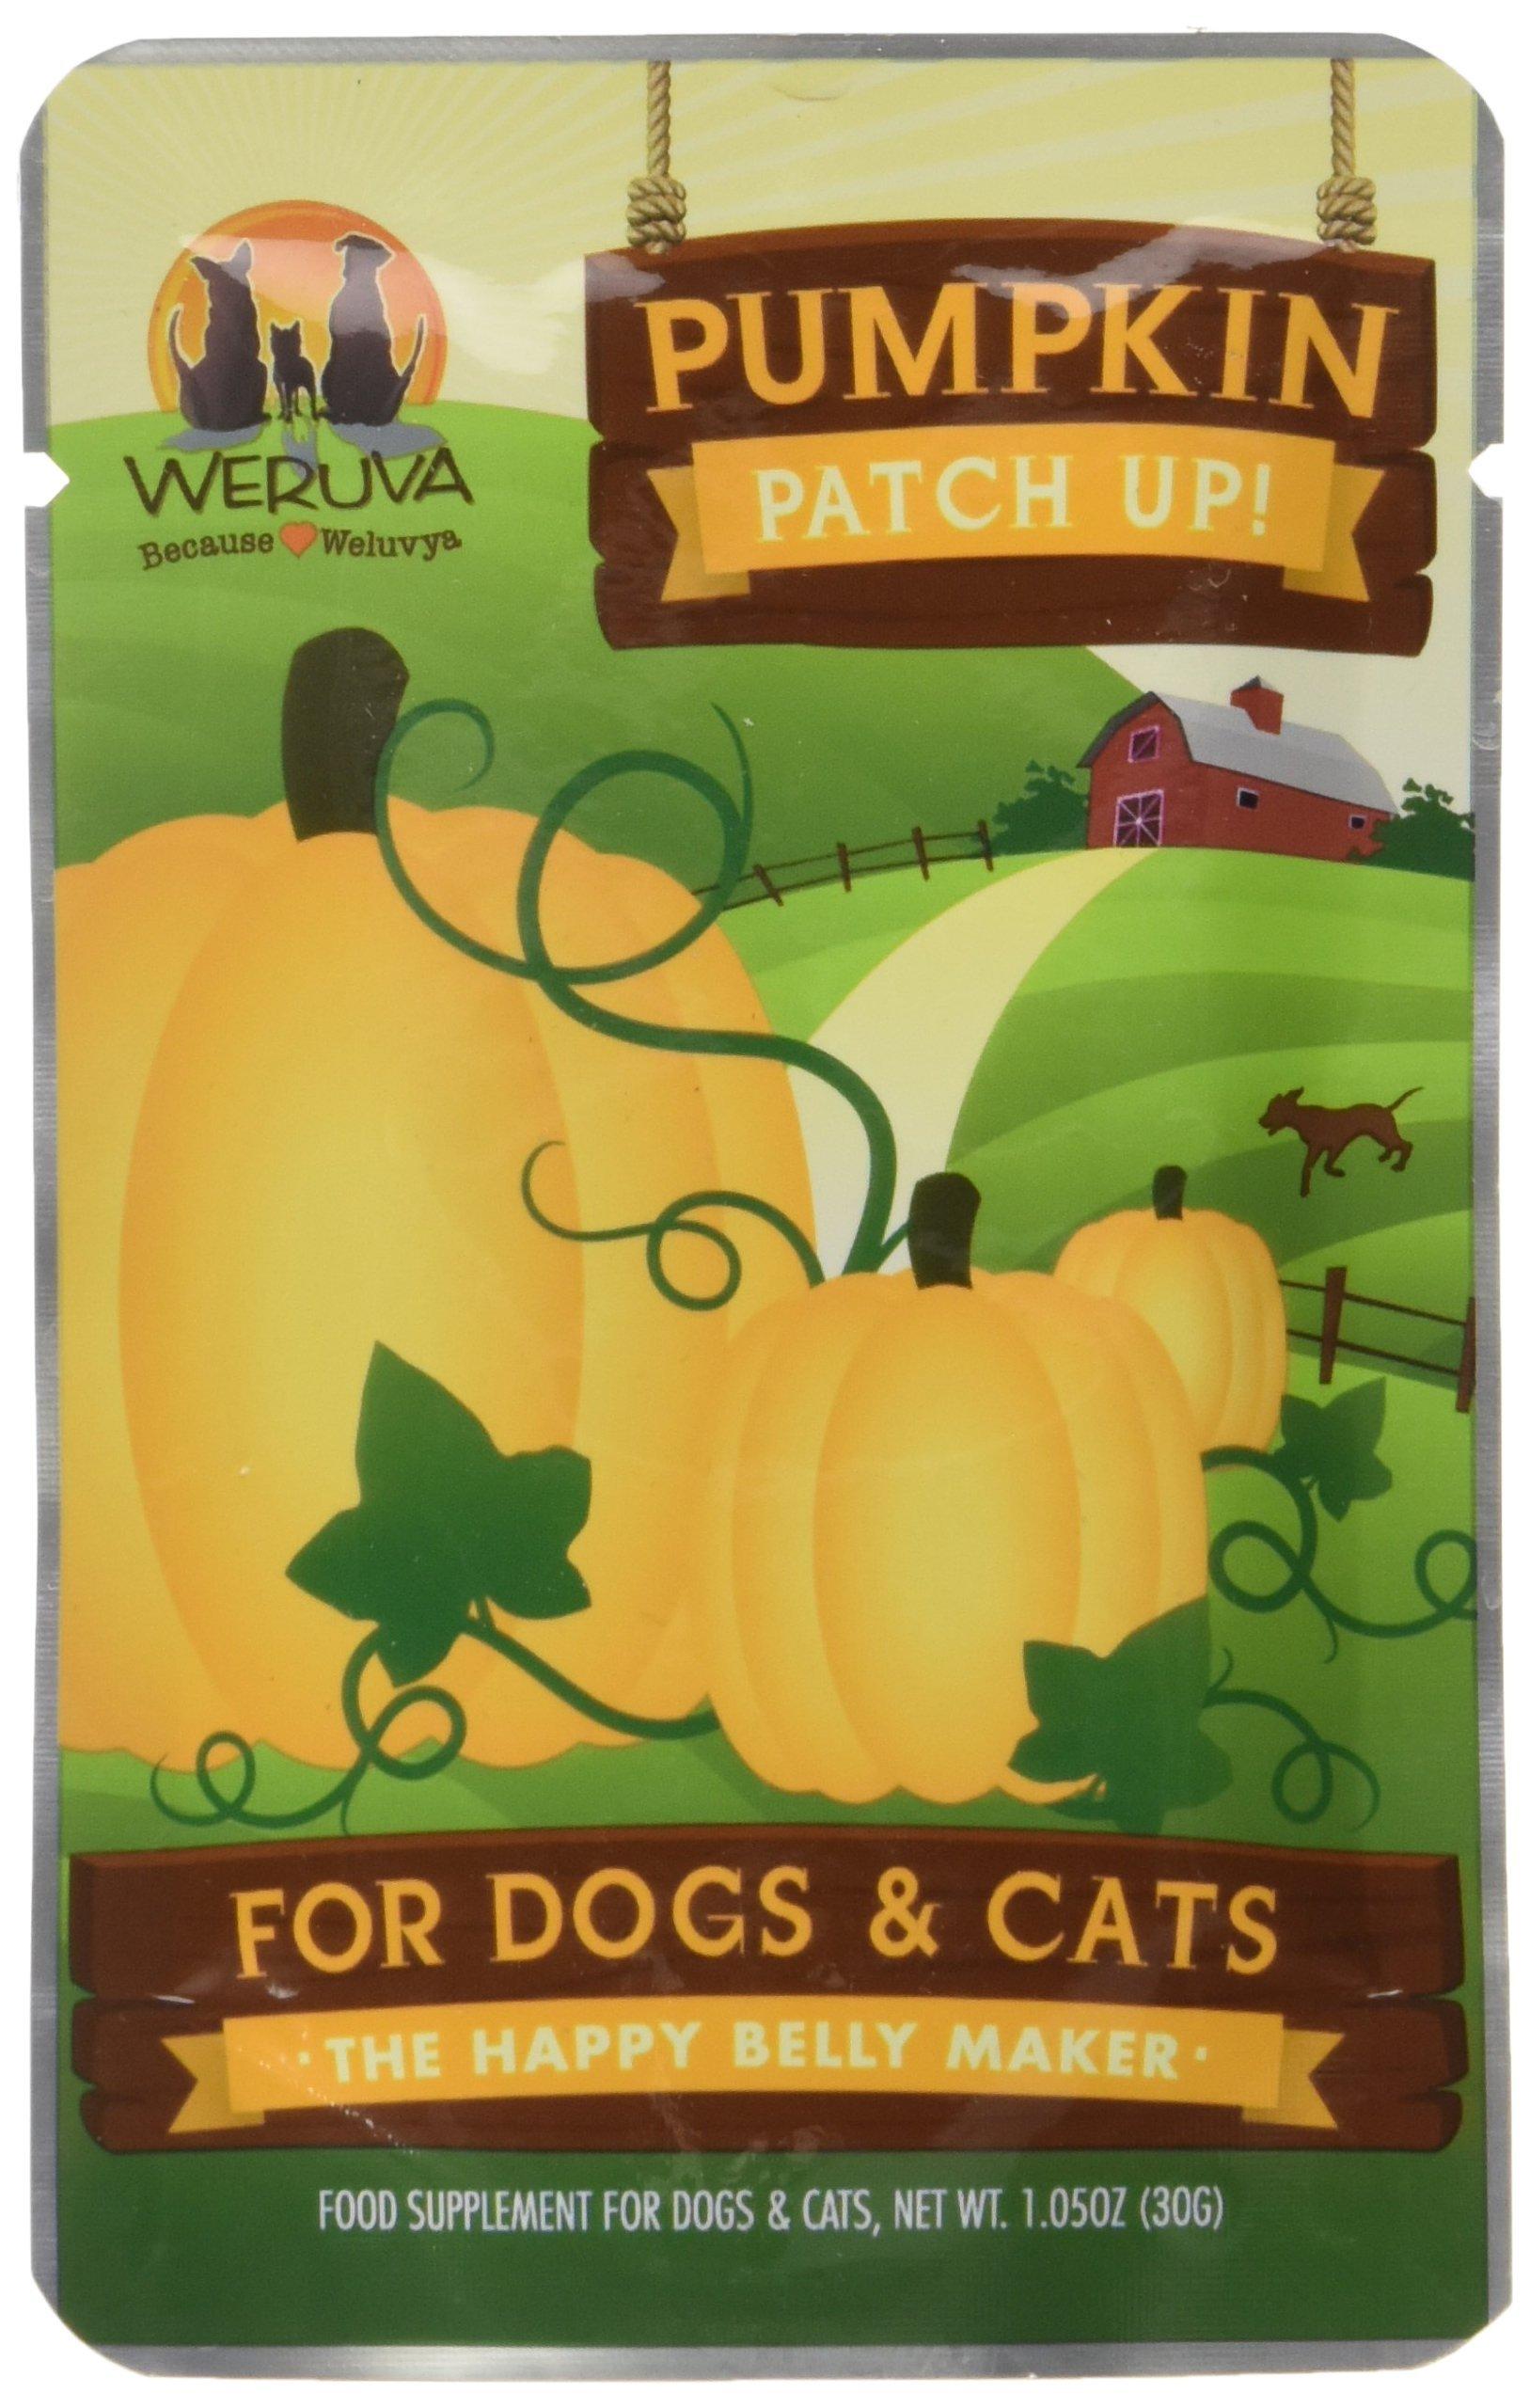 Weruva Pumpkin Patch Up!, Pumpkin Puree Pet Food Supplement For Dogs & Cats, 1.05Oz Pouch (Pack Of 12) by Weruva